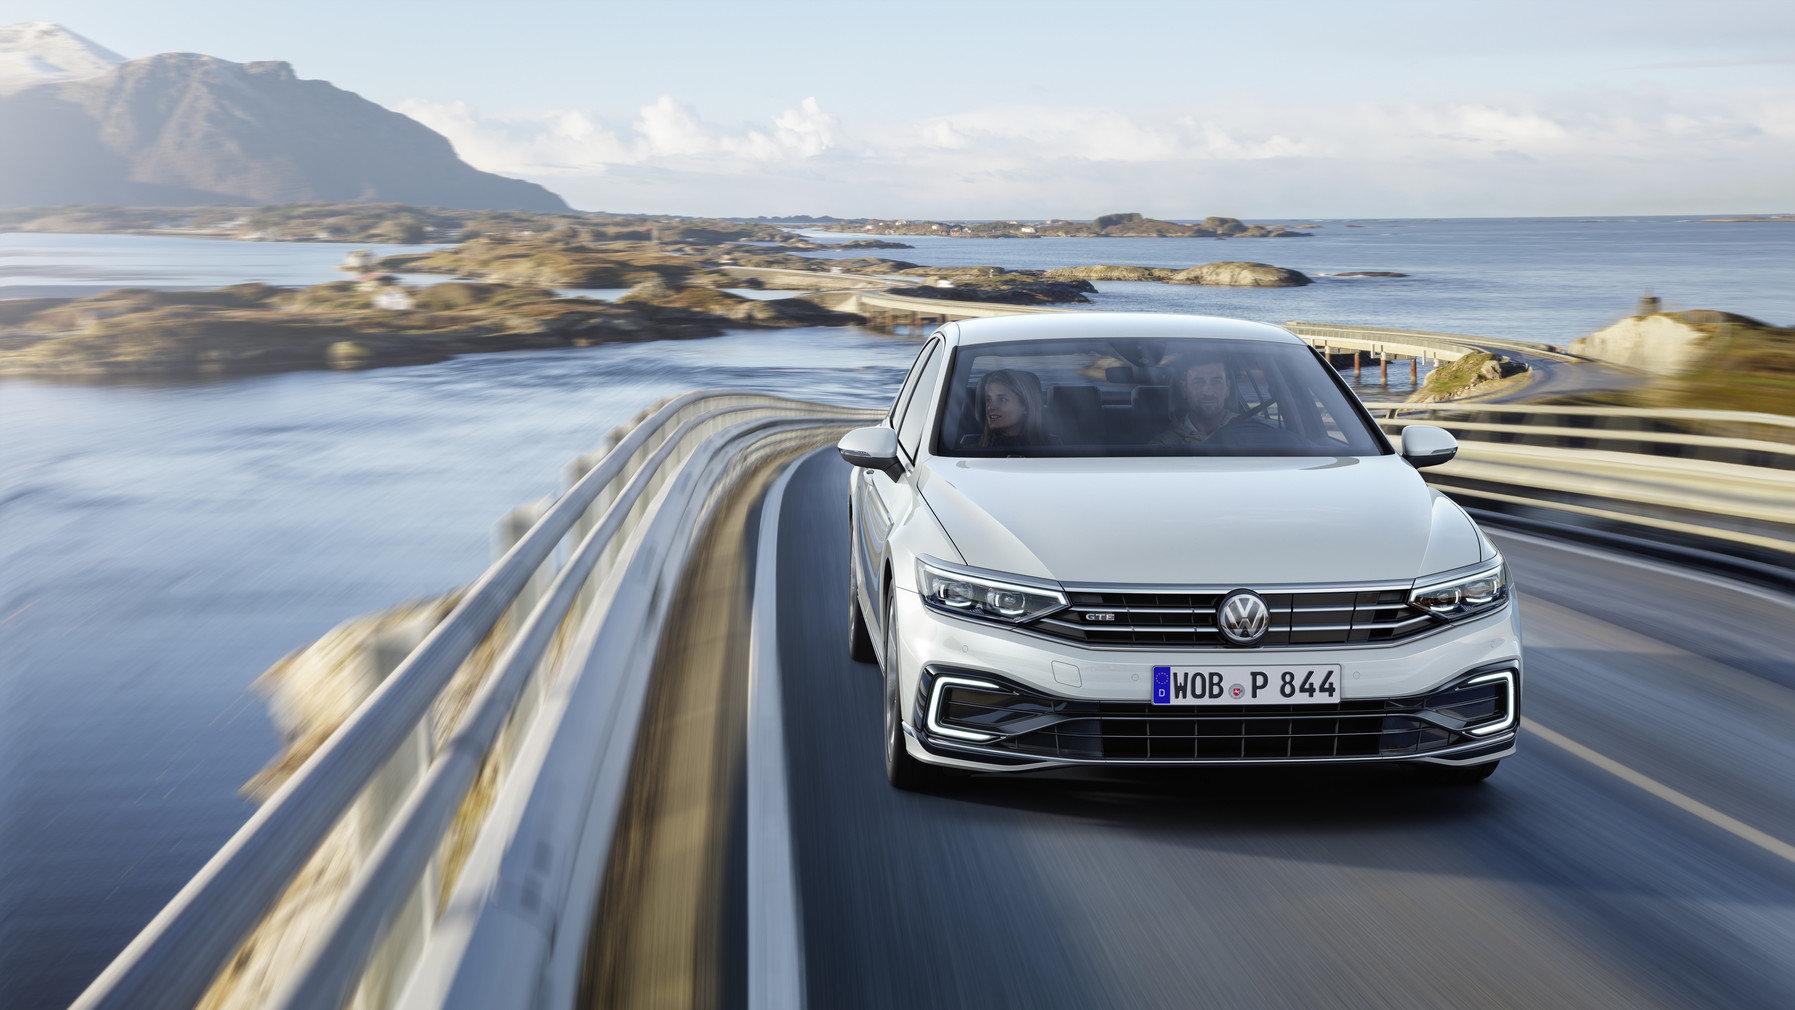 Volkswagen ZPOMALIL v prodejích aut! Co se děje? - anotační obrázek